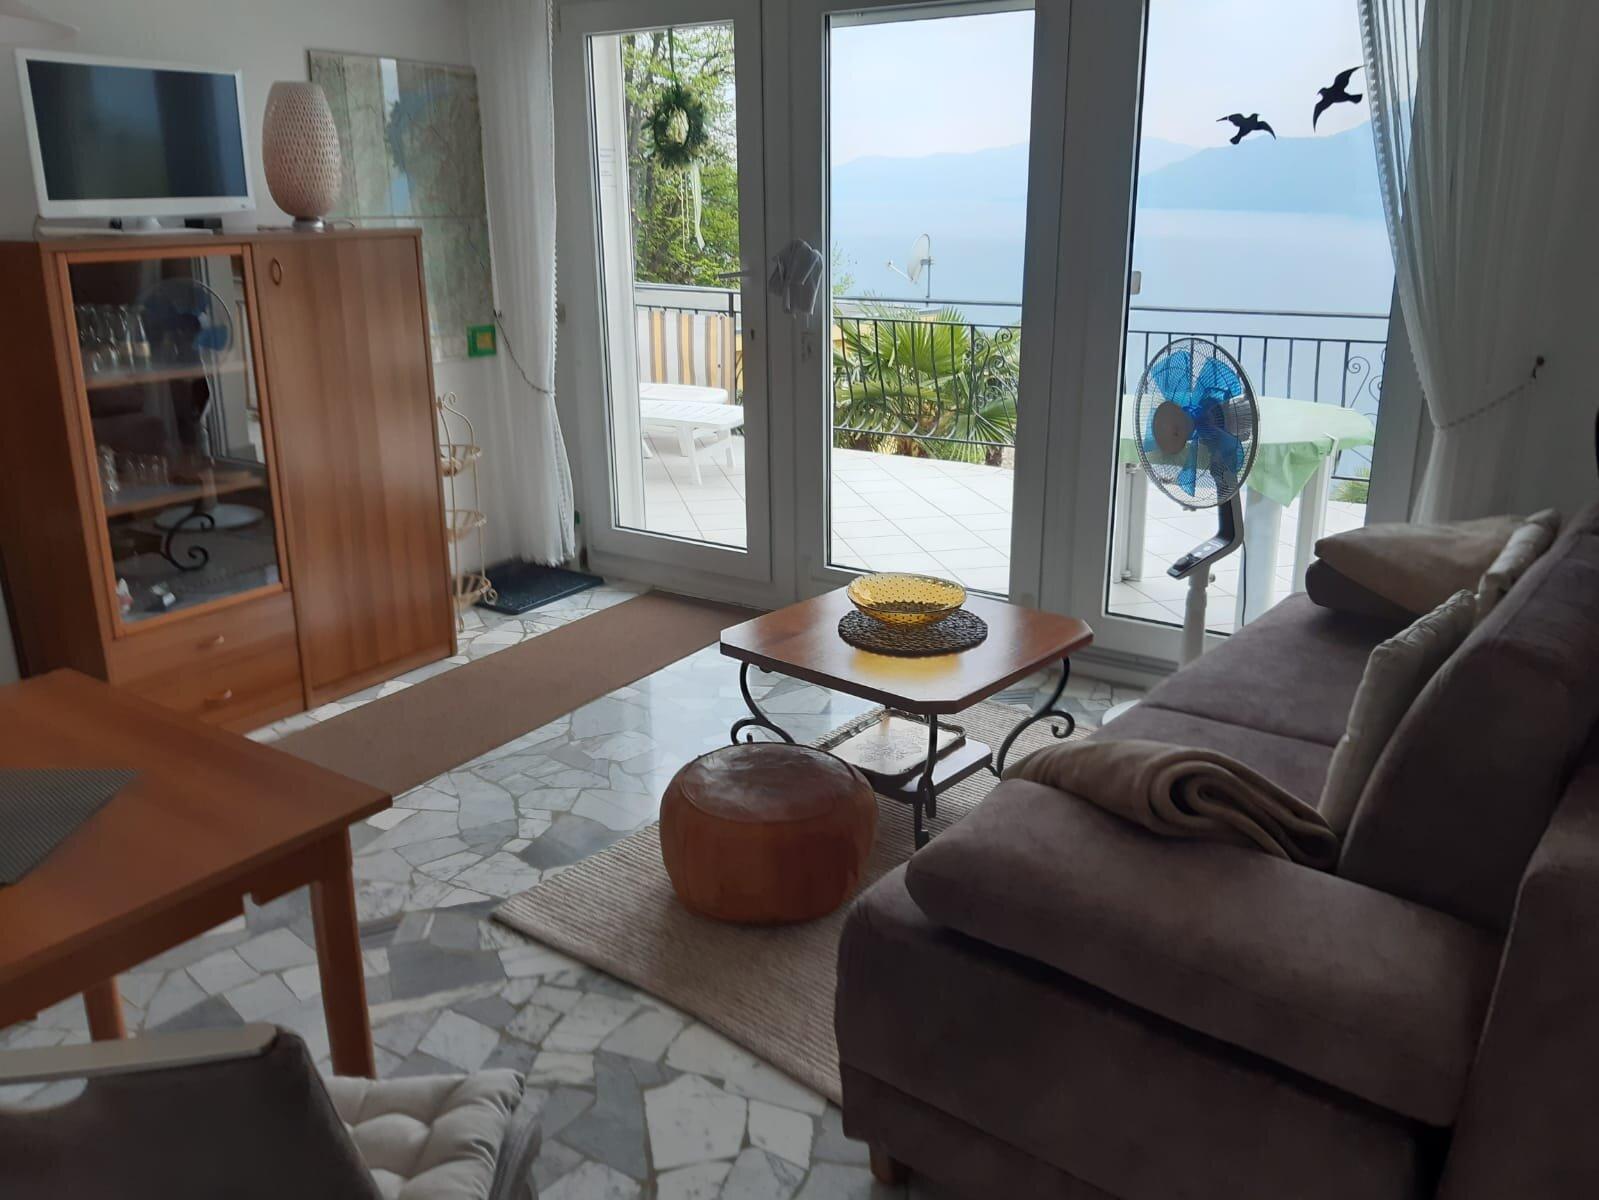 Sitzmöglichkeiten im Wohnzimmer (1)